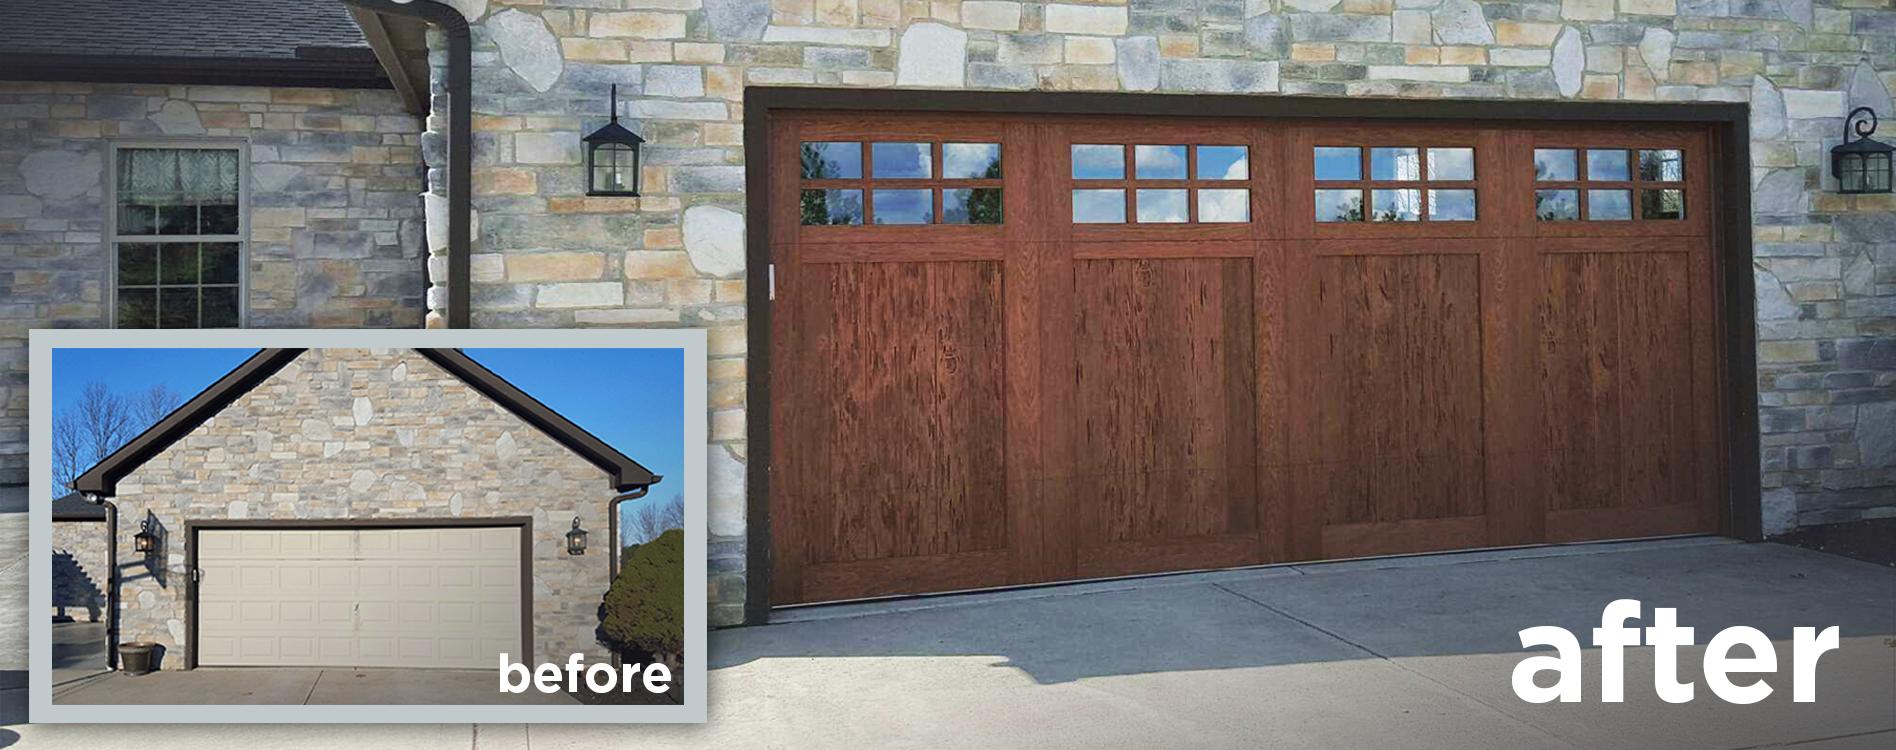 Faux Wood Garage Doors That Look Realistic Faux Wood Garage Door Garage Door Styles Wood Garage Doors